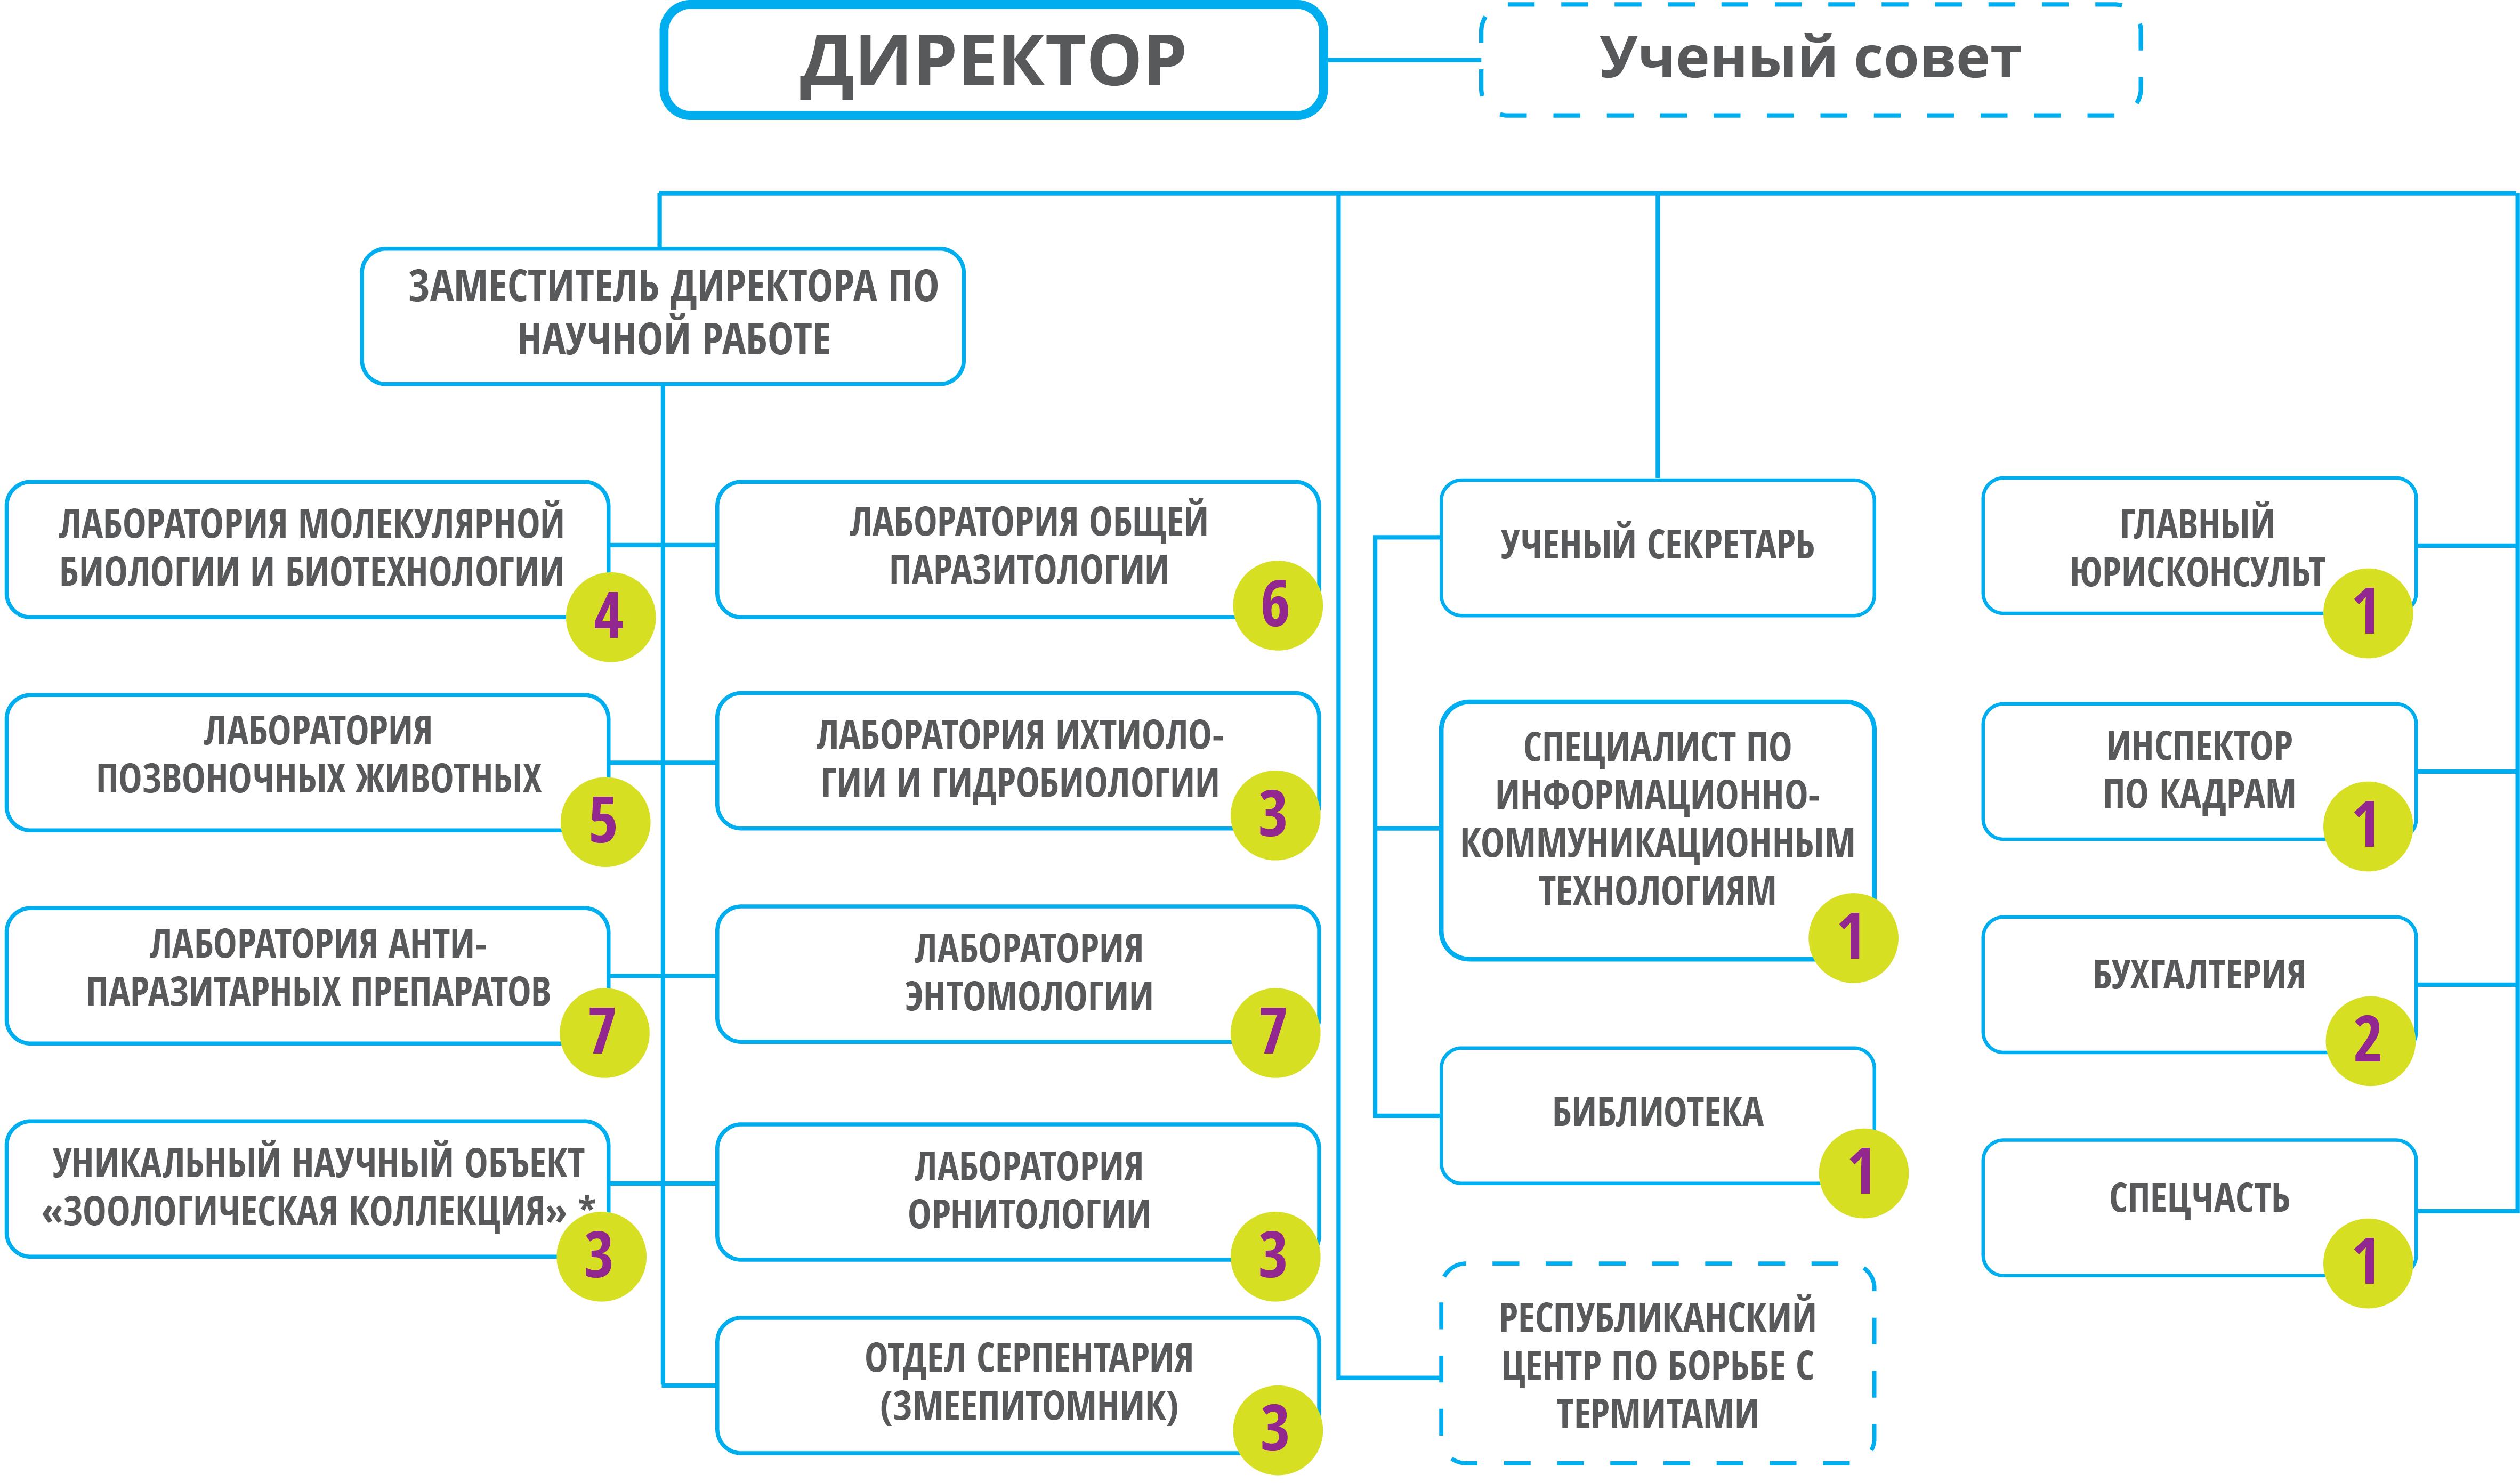 structura-rus